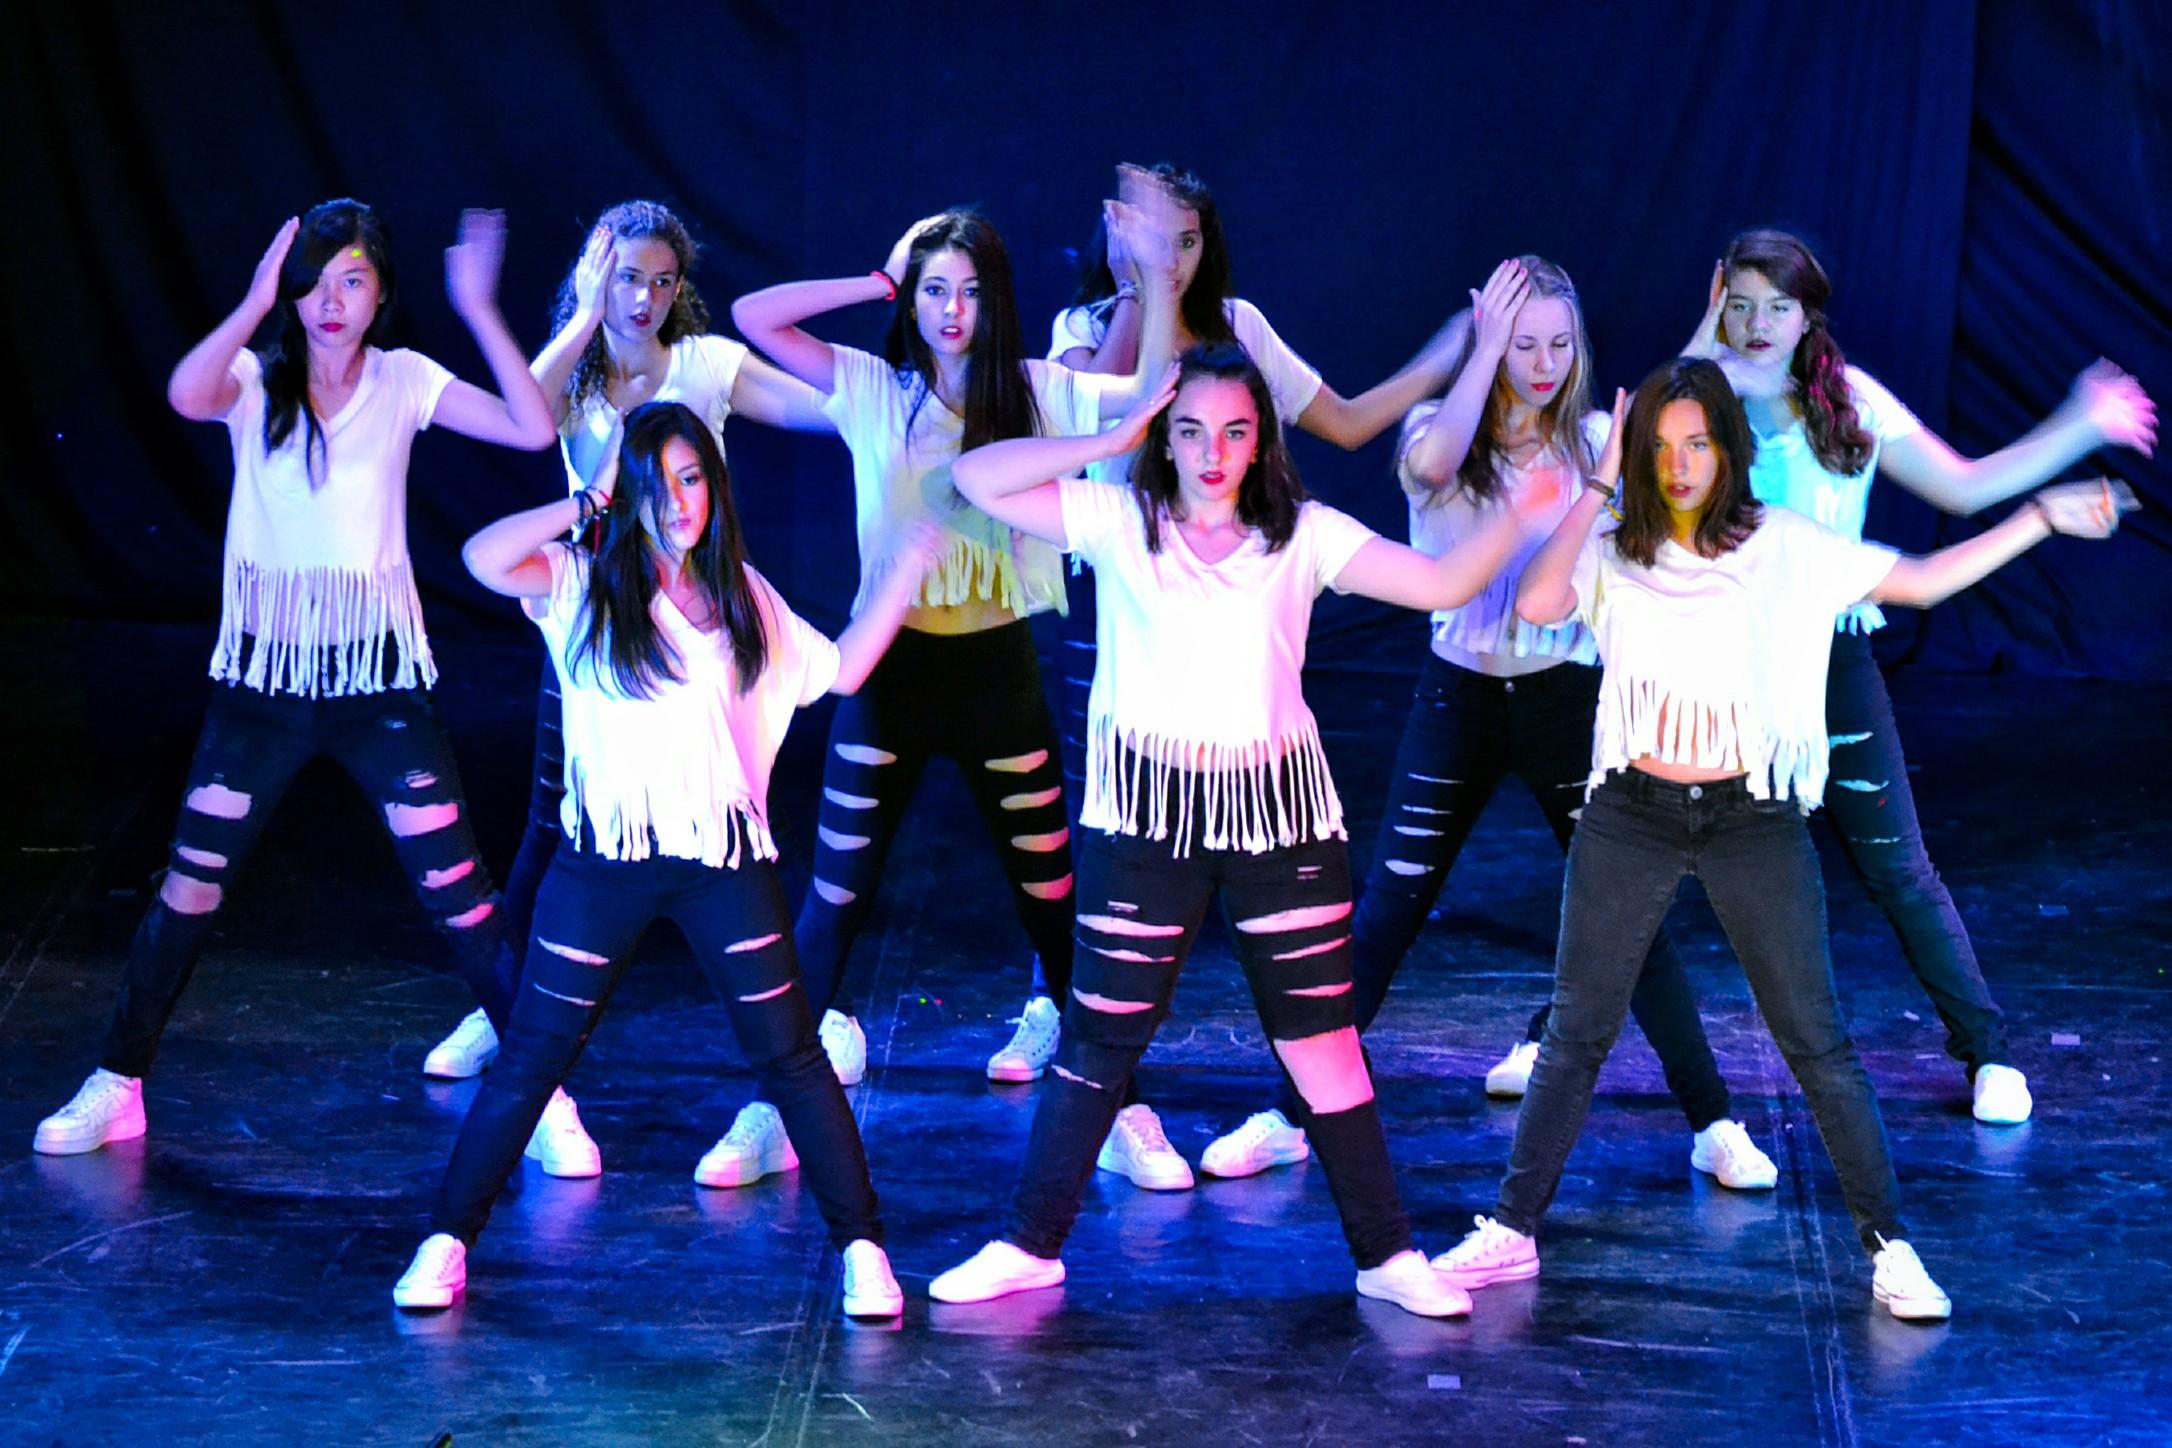 Linea-de-Baile-festival-verano-2015-clases-de-baile-valencia-14